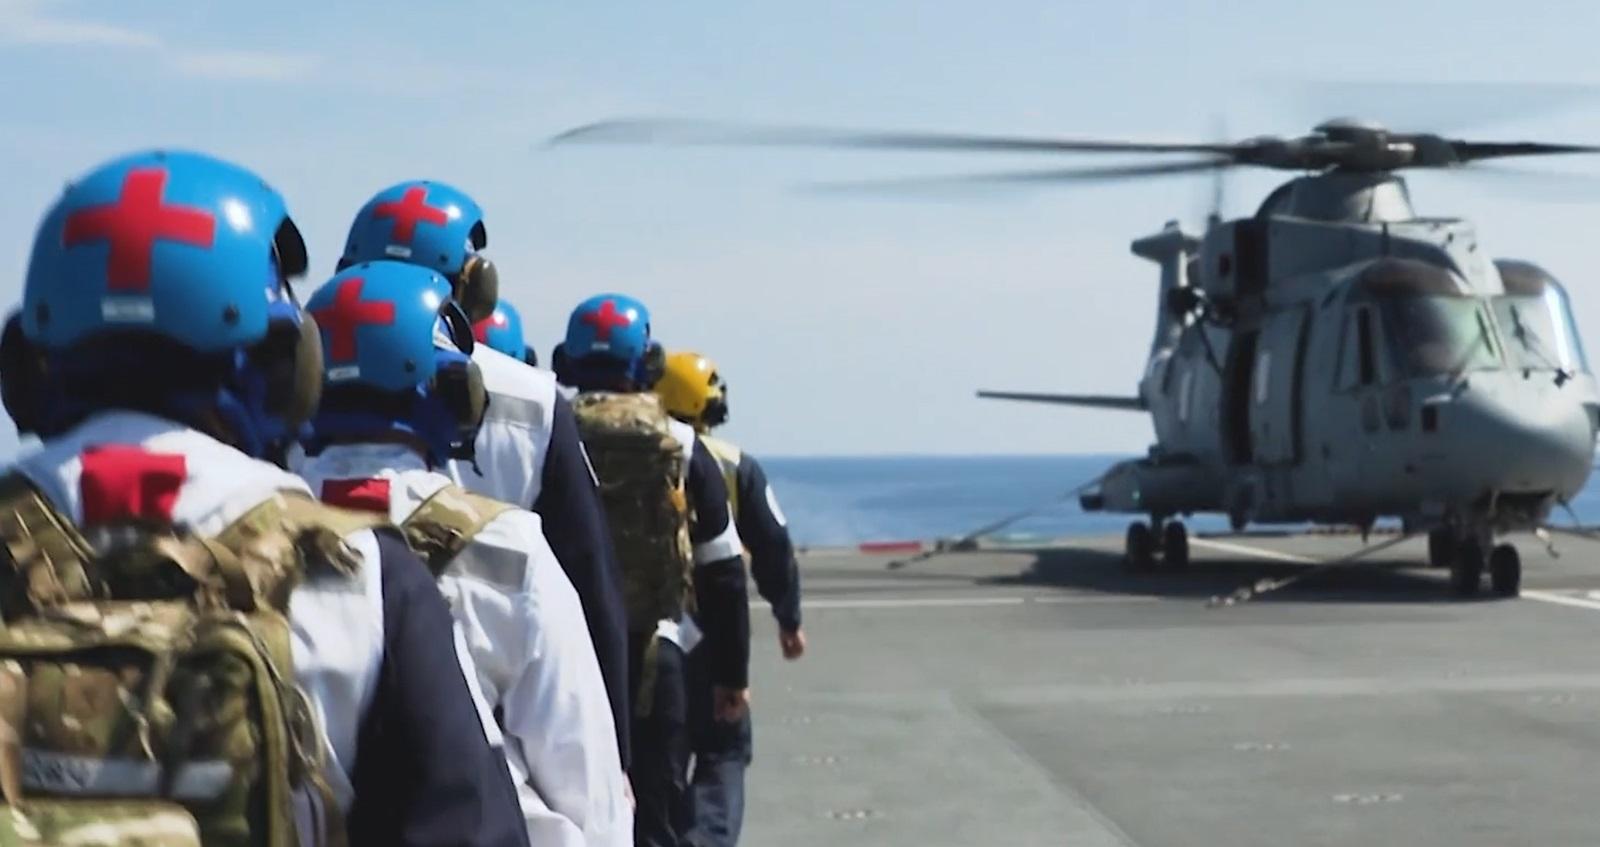 Navy medics